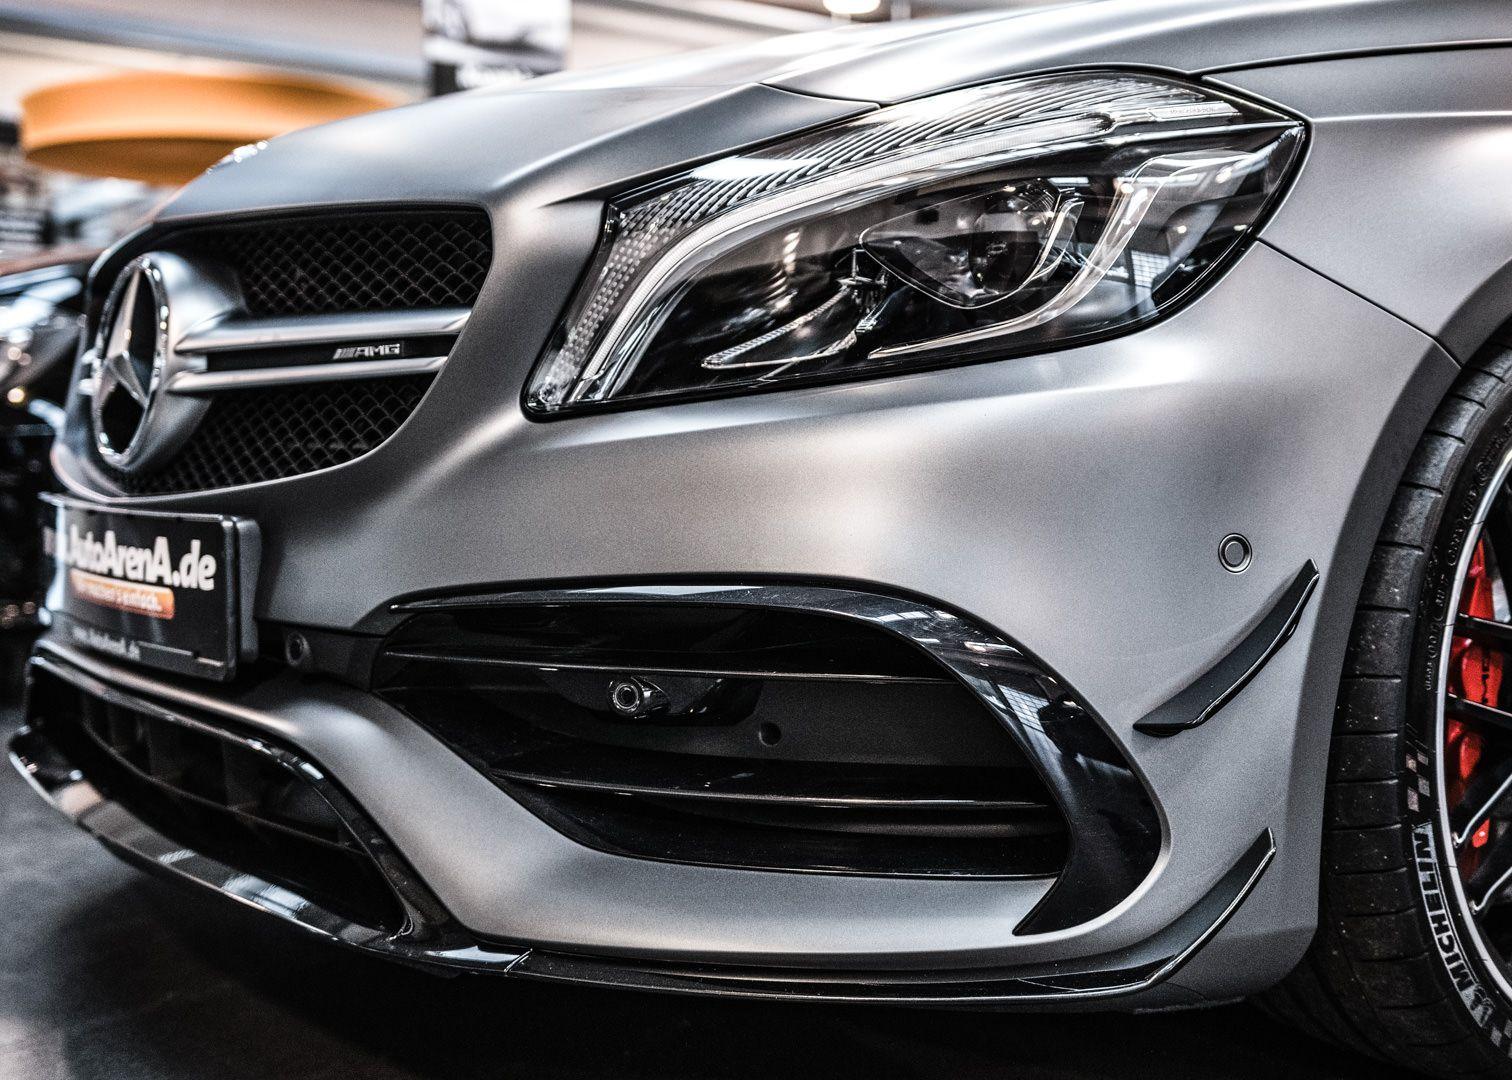 Amg A45 In Designo Magno Mountain Grey Mattlack Unbedingt Empfehlenswert Die Cleanextreme Matt Pflegeserie Mercedes Mer Alto Car Mercedes Mercedes Amg